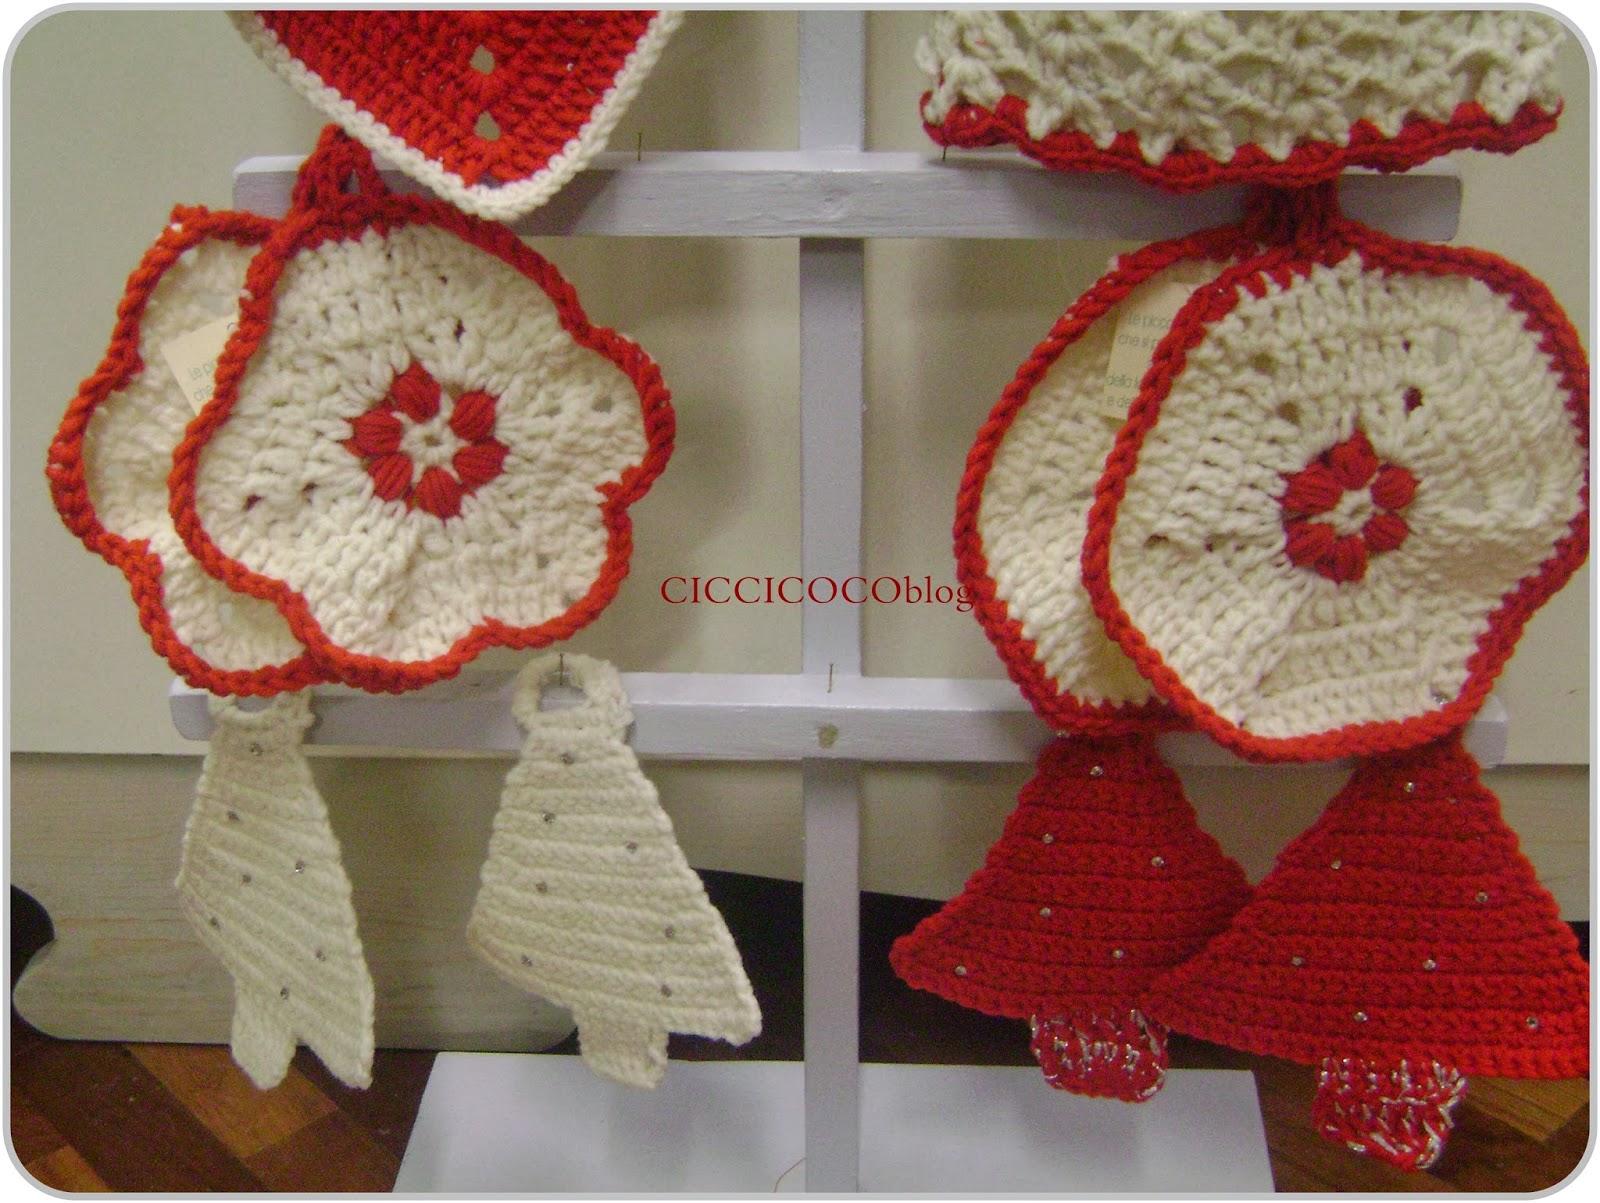 Ciccicocoblog idee regalo per natale presine uncinetto Idee regalo